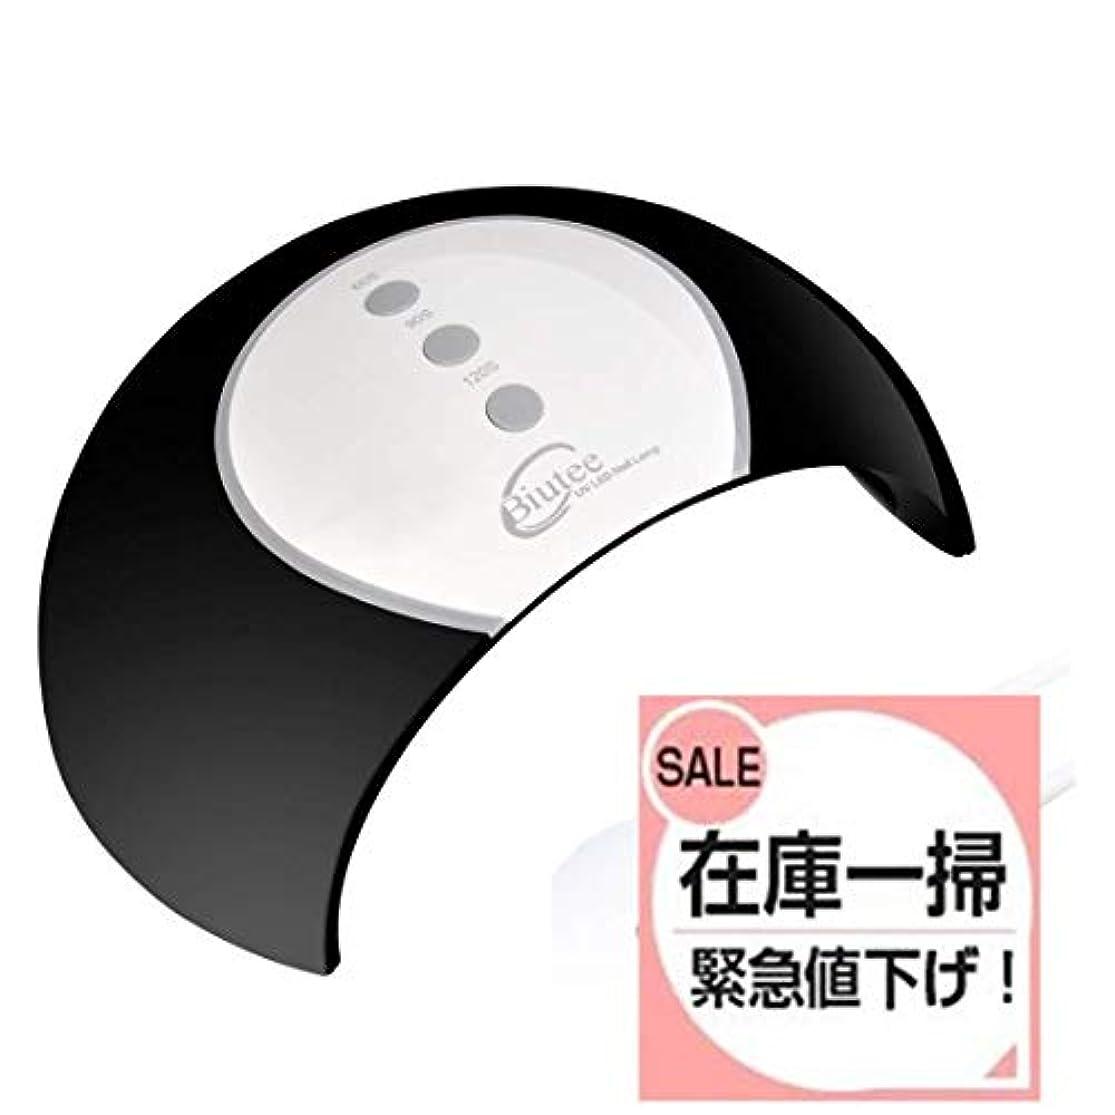 確実記念品集計24W ネイルライト USB充電 8個LED 60s 90s 120sタイマー 手足両用 自動センサー付き ネイルドライヤー UV LED ジェルネイルライト 日本語説明書付き